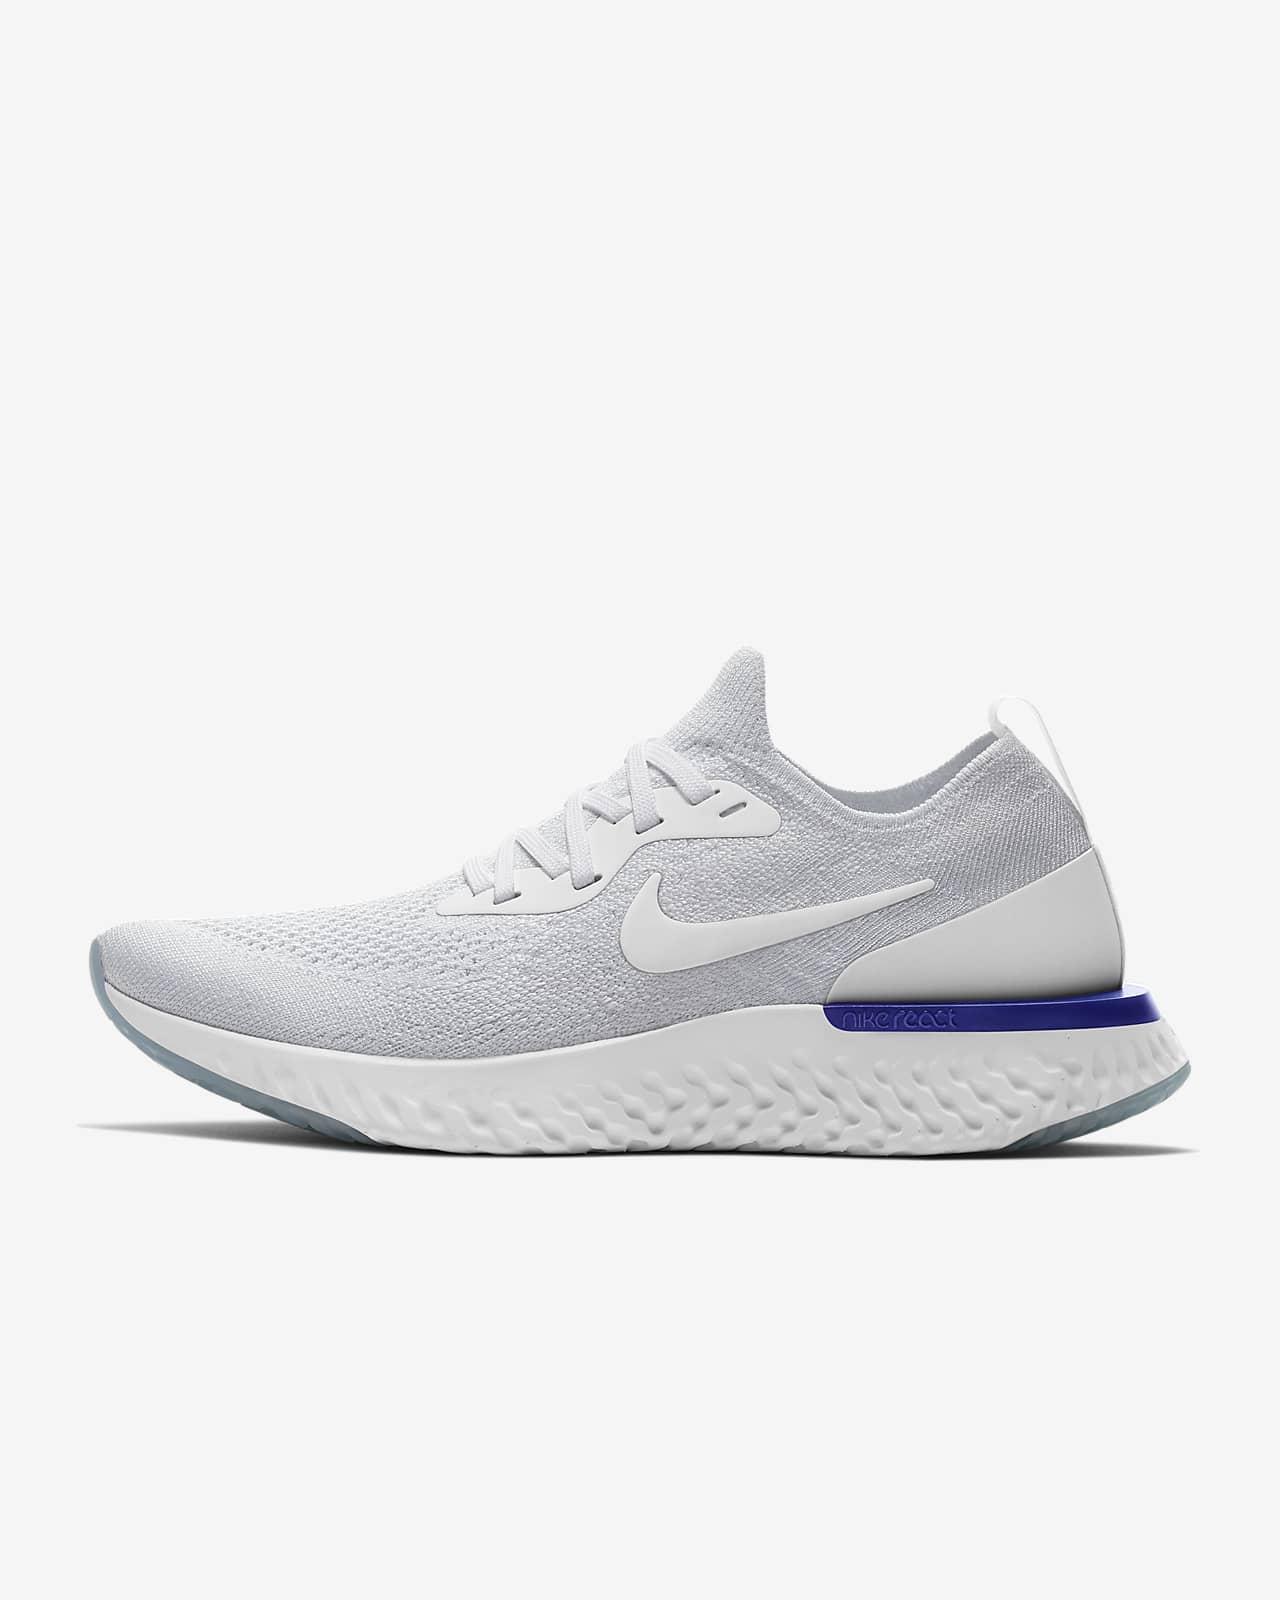 รองเท้าวิ่งผู้หญิง Nike Epic React Flyknit